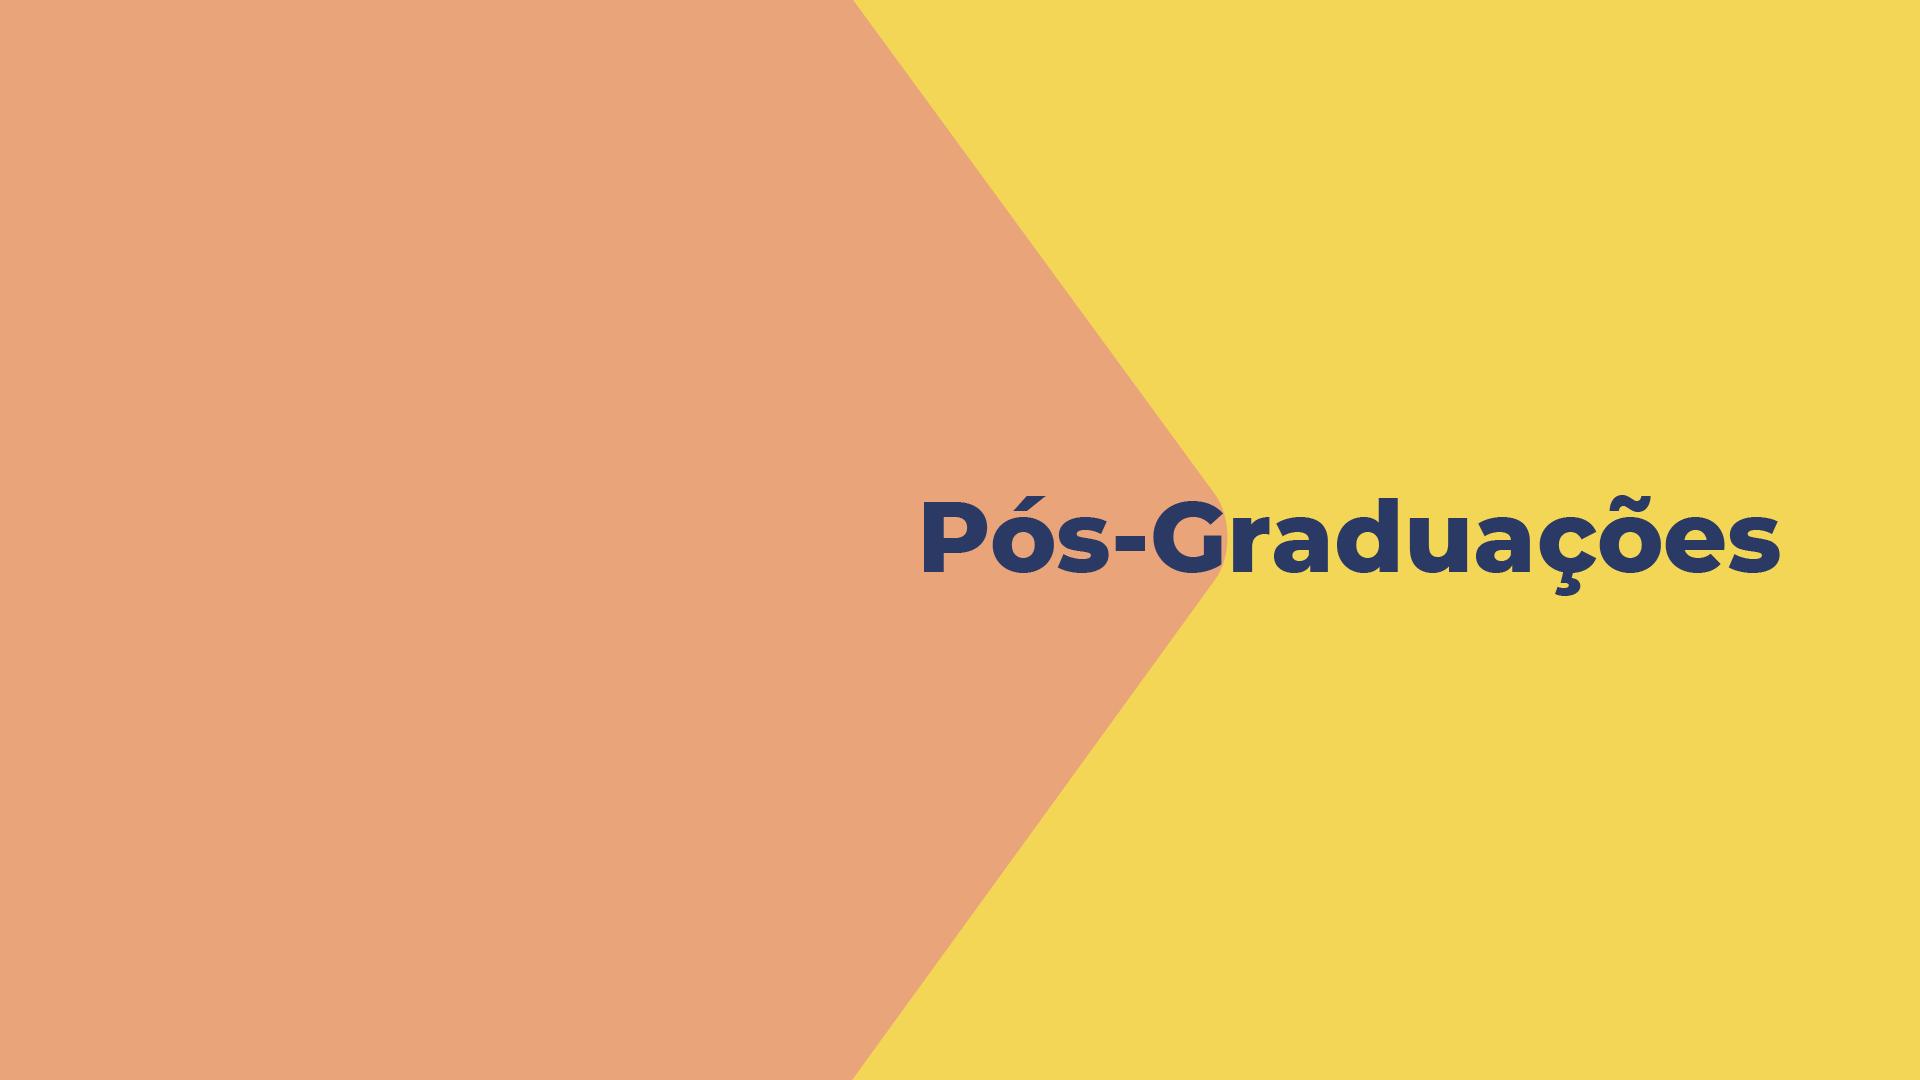 Pós-graduações